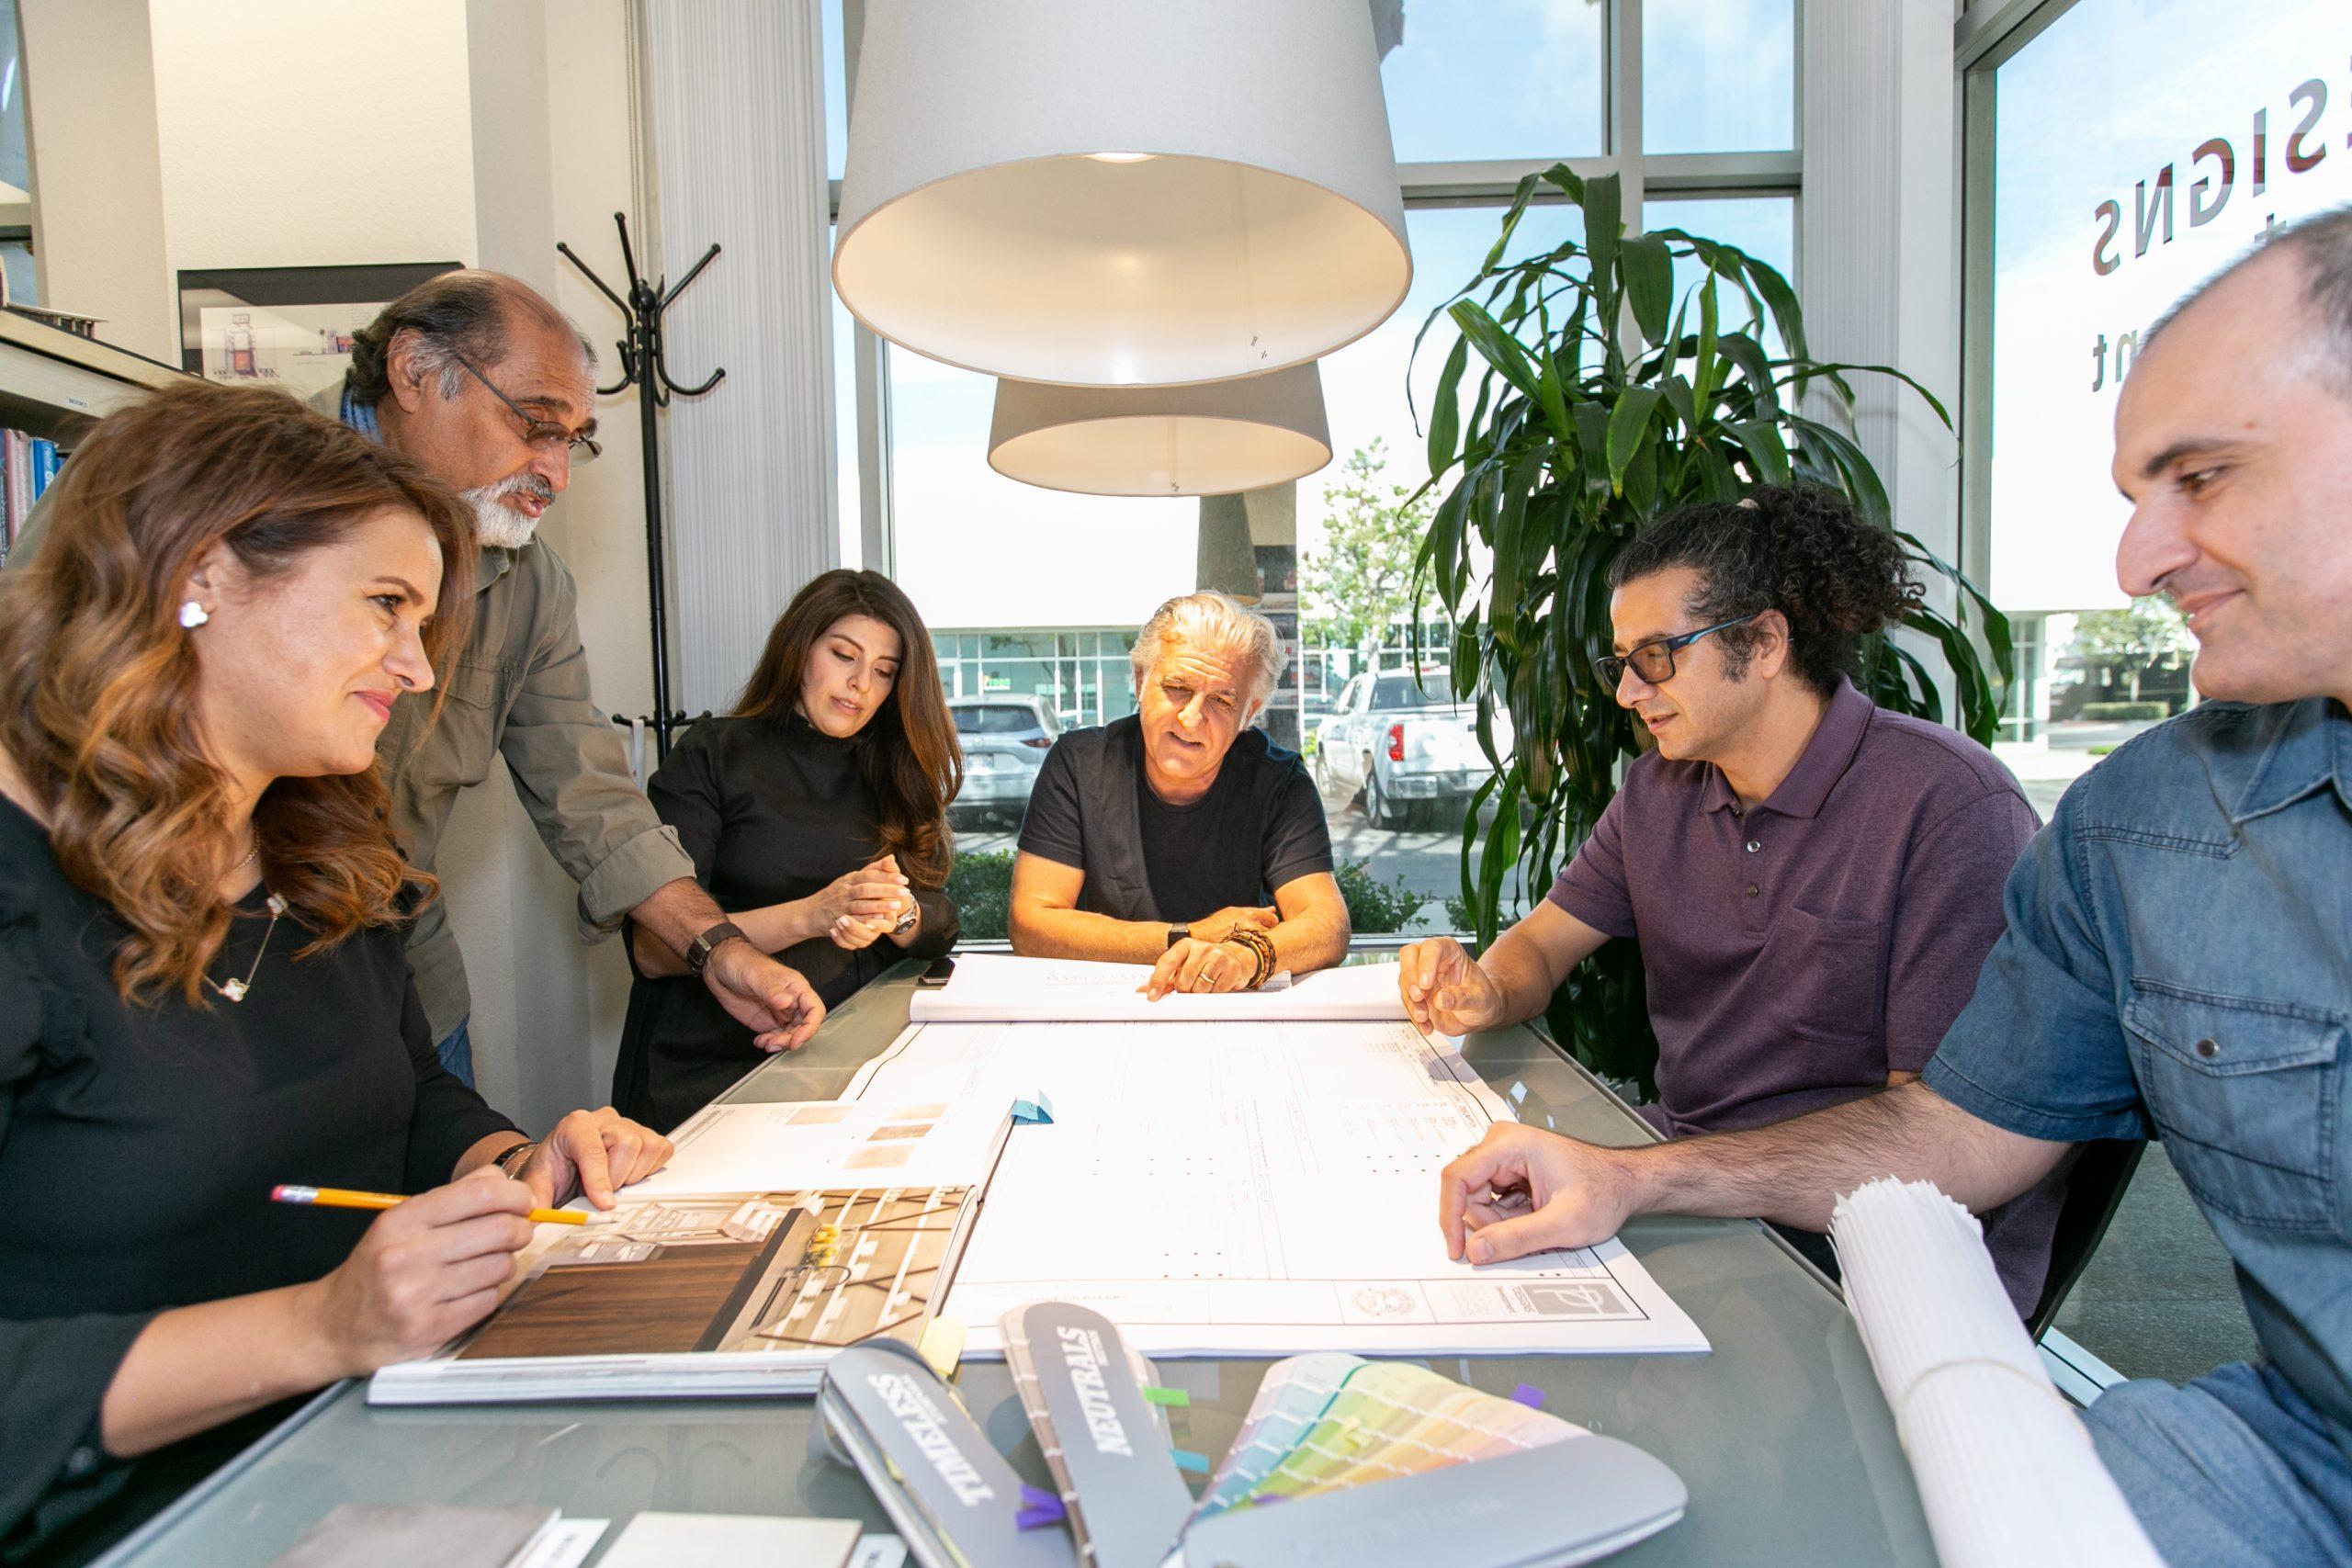 7 Designs + Development Team